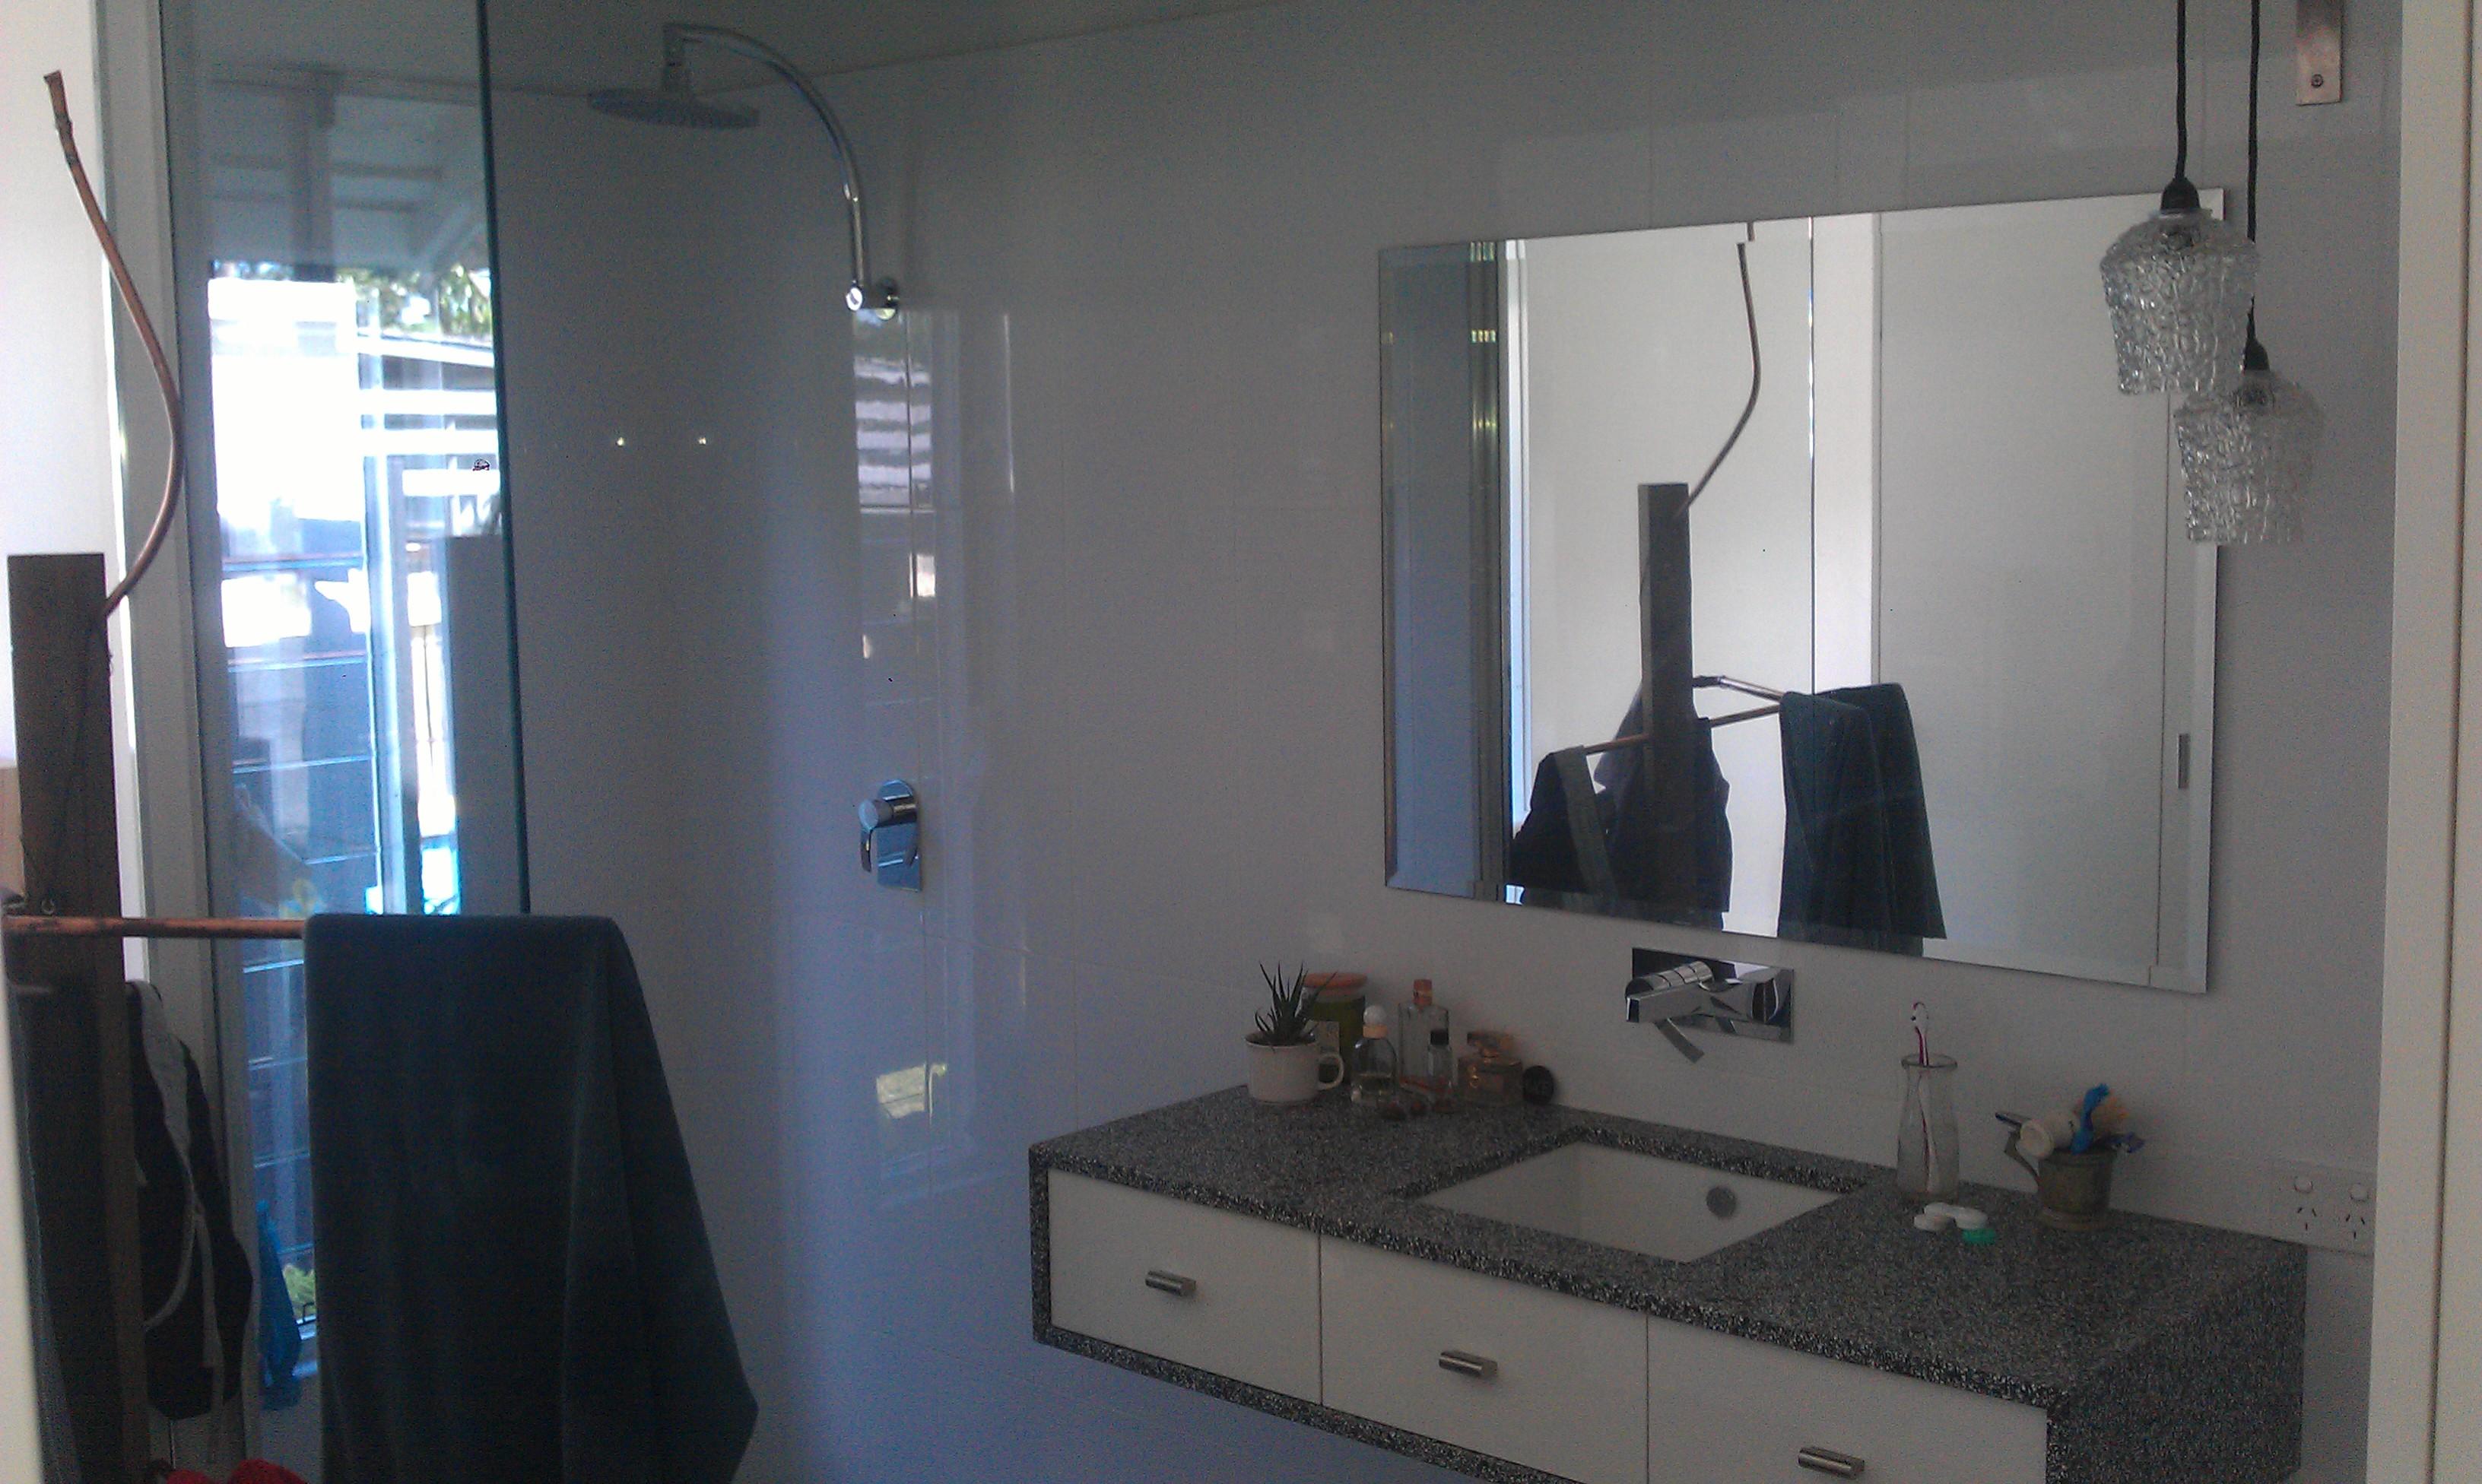 Bathroom - free standing vanity